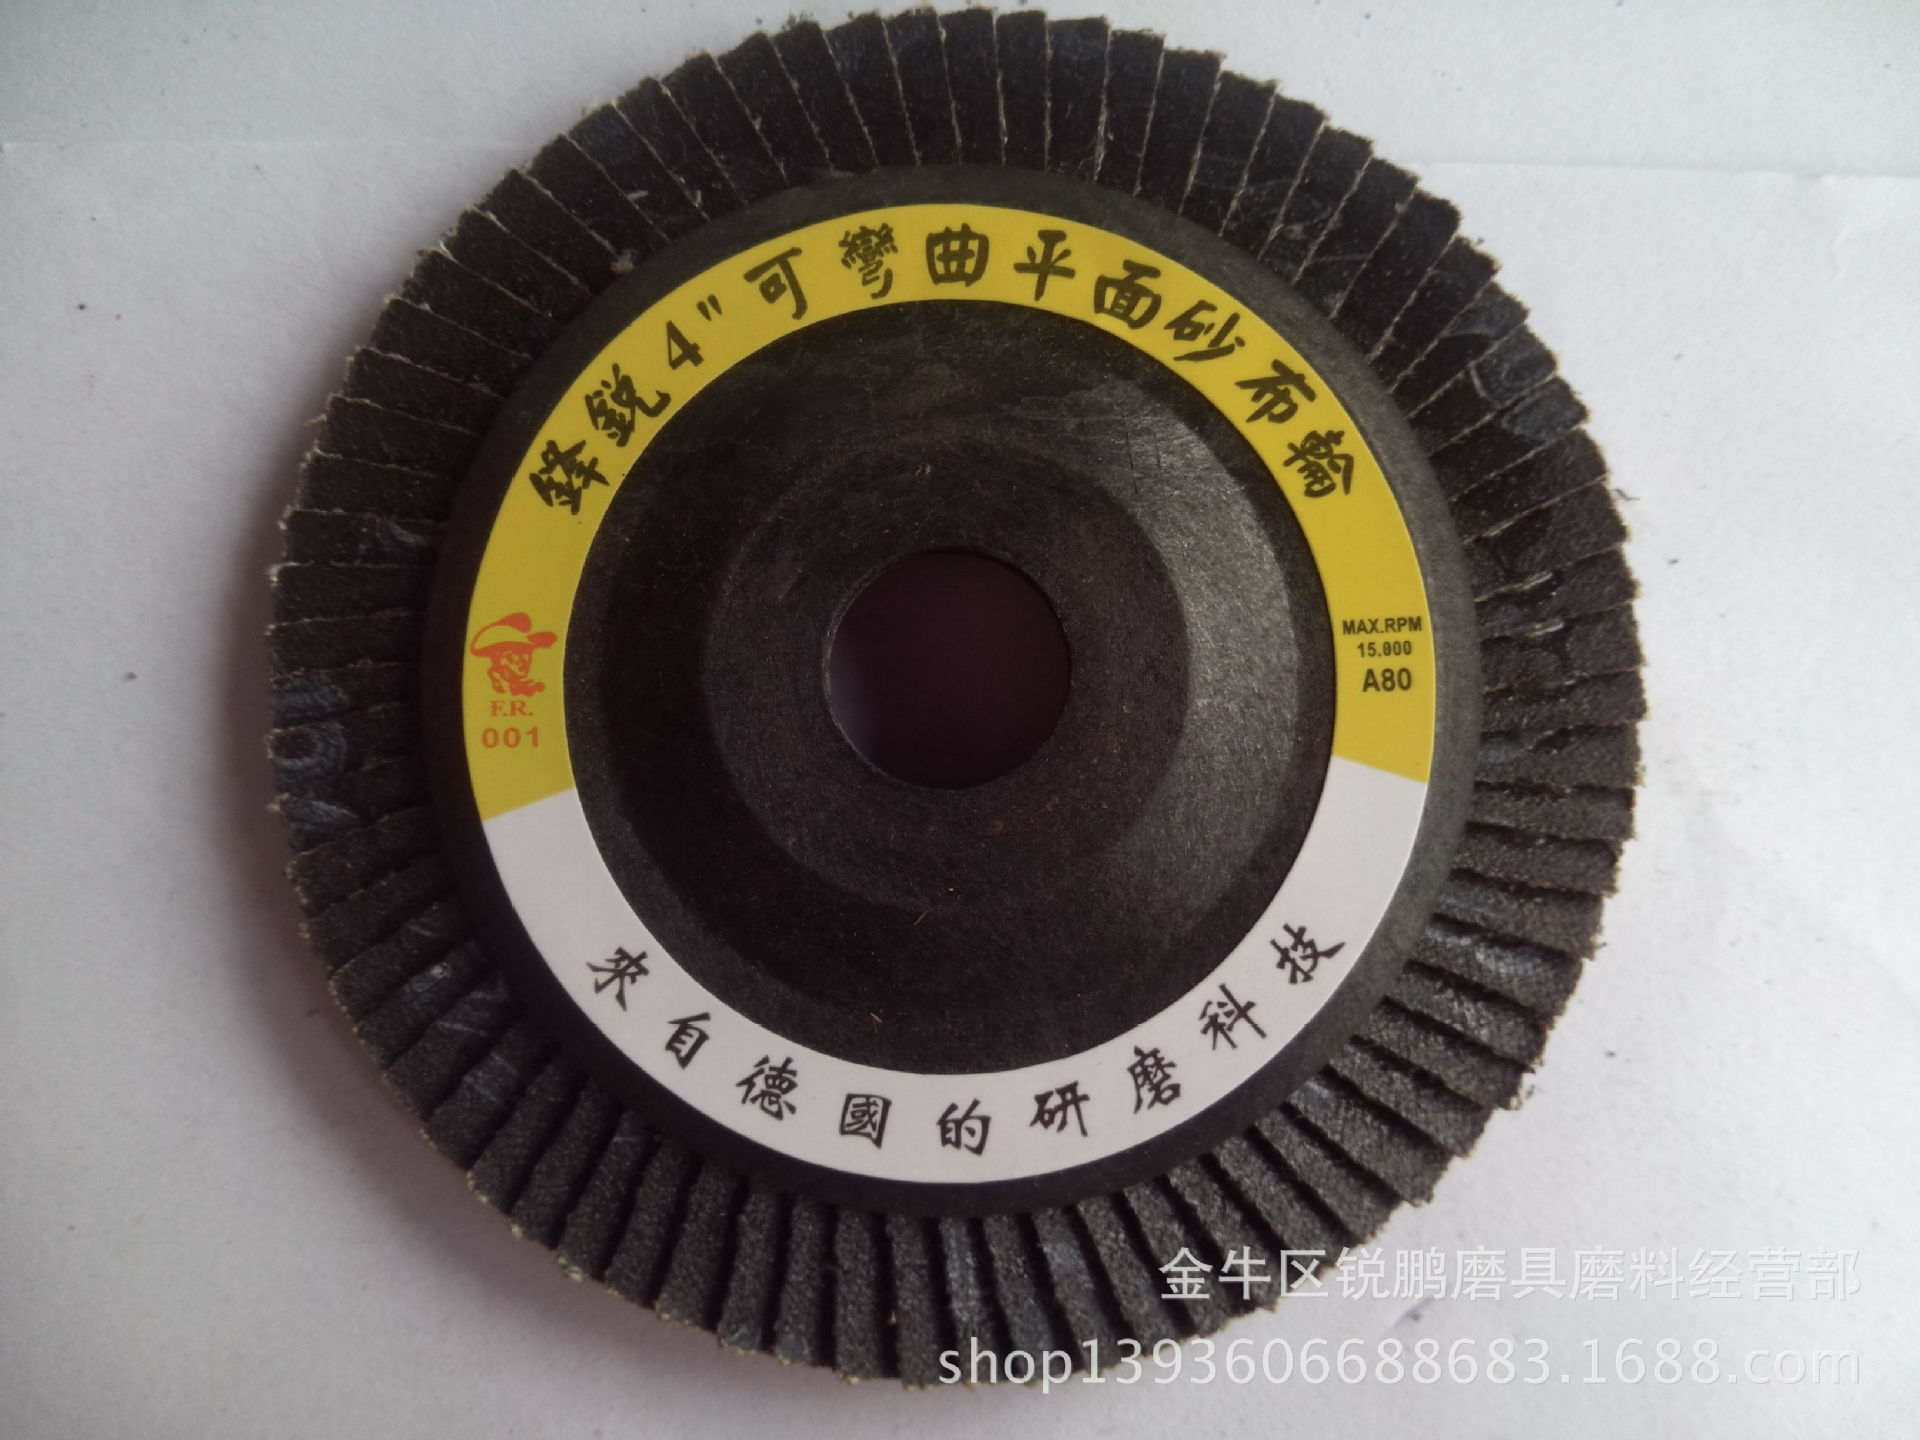 供应 直径100高温煅烧锋锐百叶片打磨片砂布抛光轮千叶片